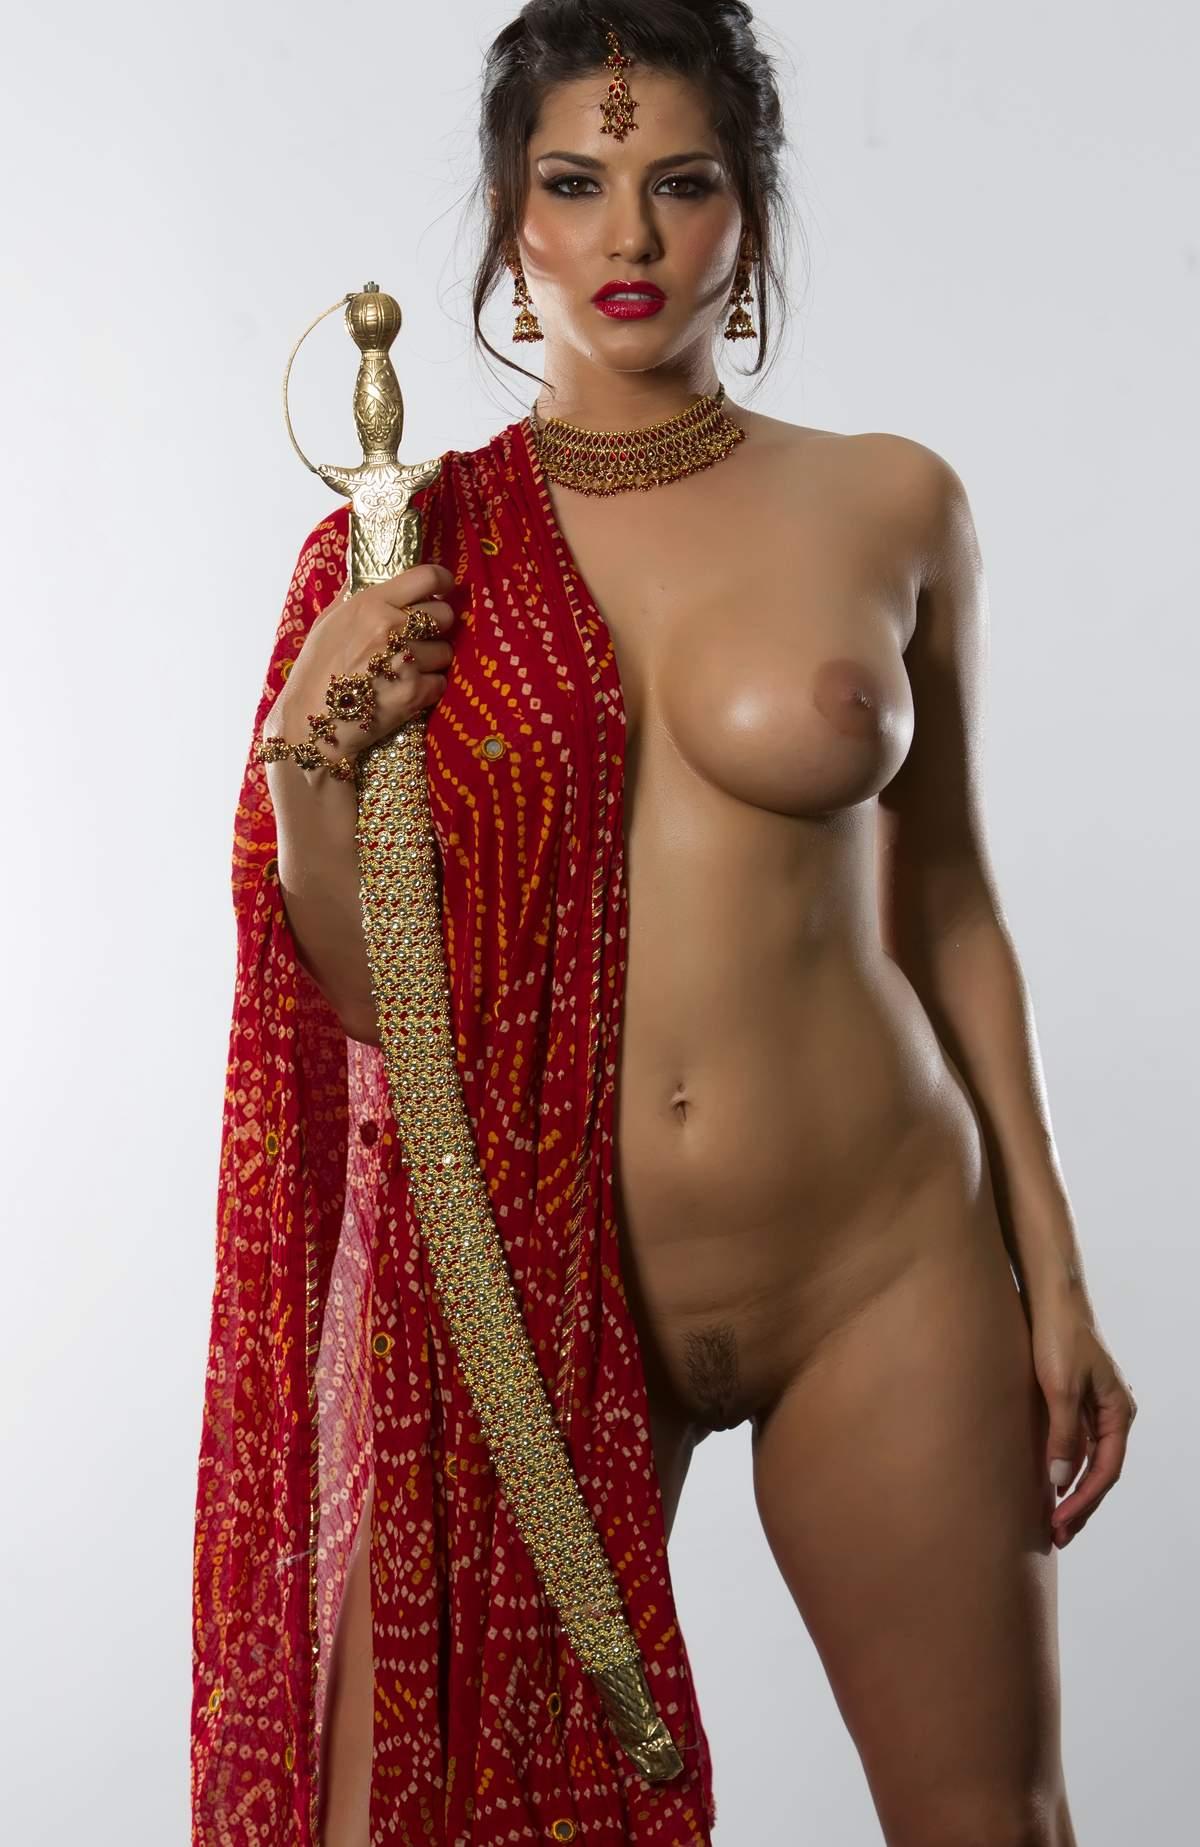 golaya-indianki-foto-ishu-prostitutku-yakutsk